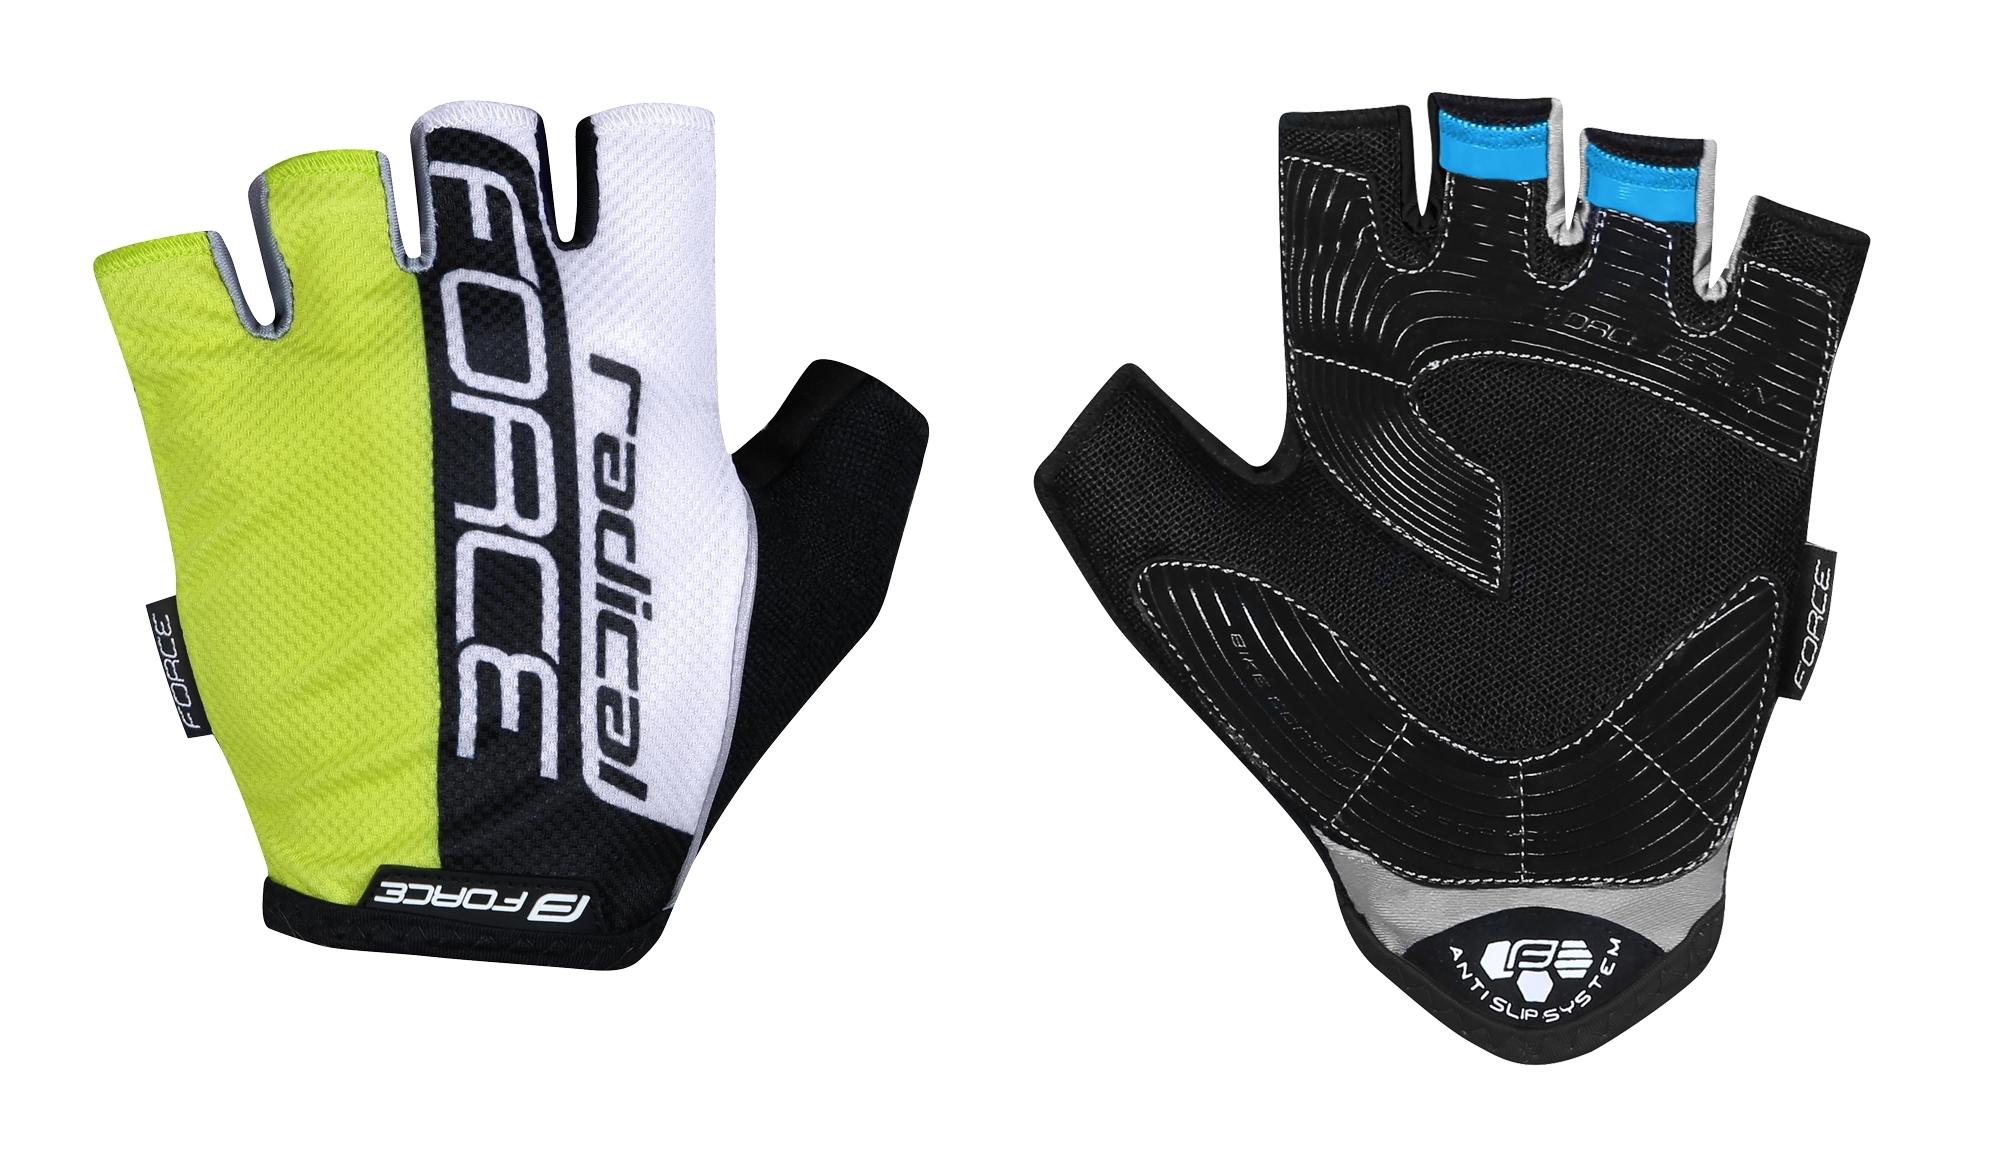 rukavice FORCE RADICAL, fluo-bílo-černé M